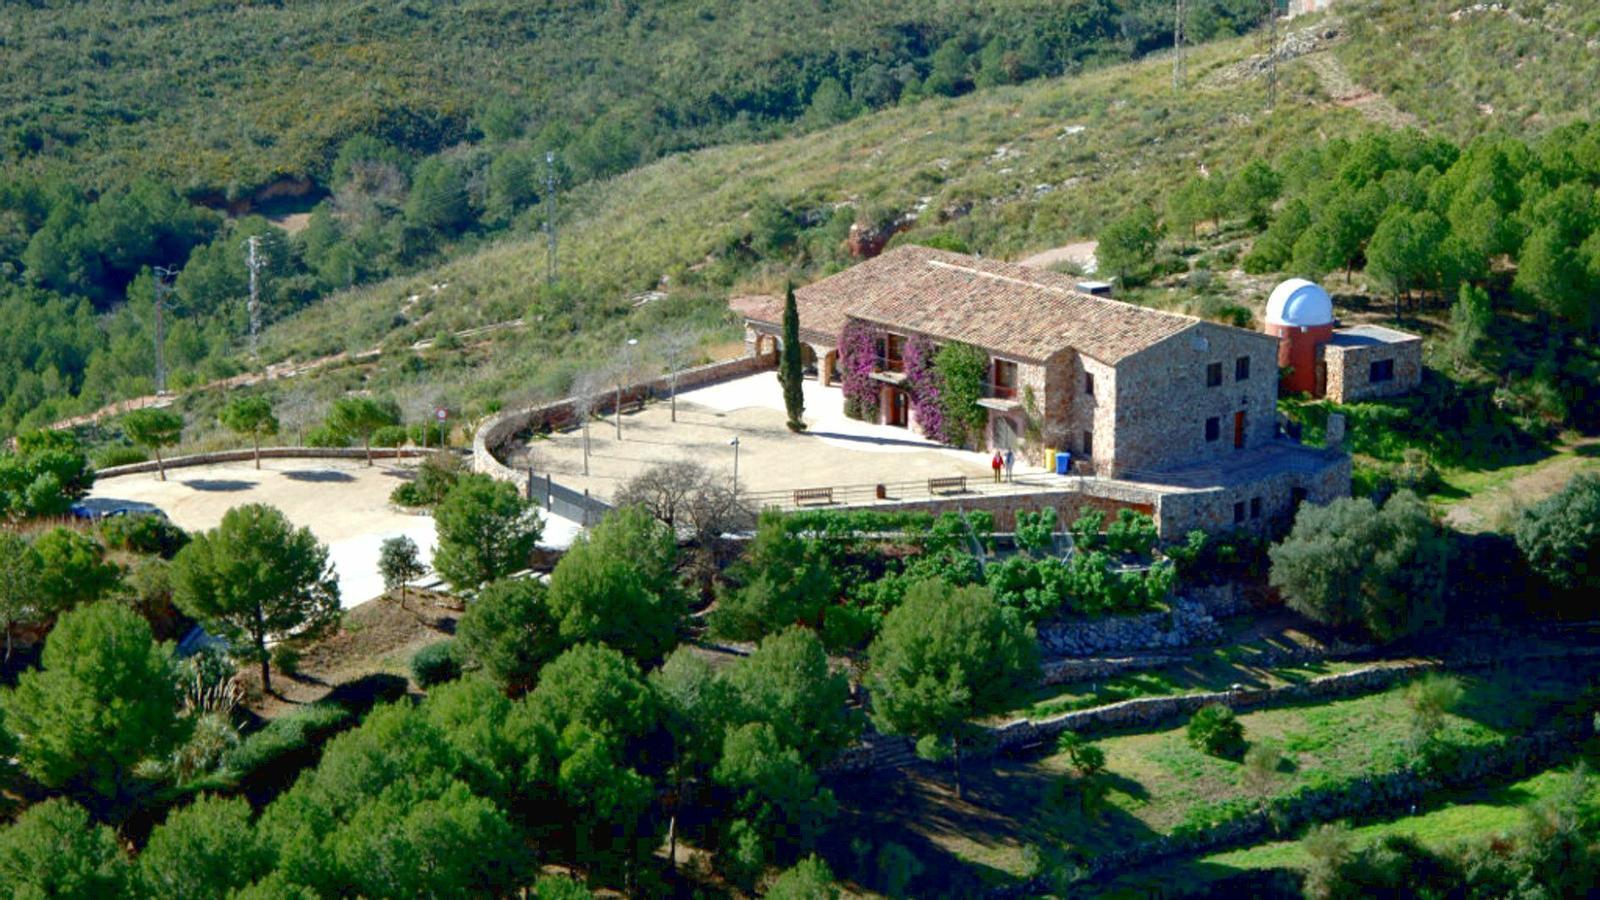 Doble atac d'encaputxats a un centre de 'menes' de Castelldefels